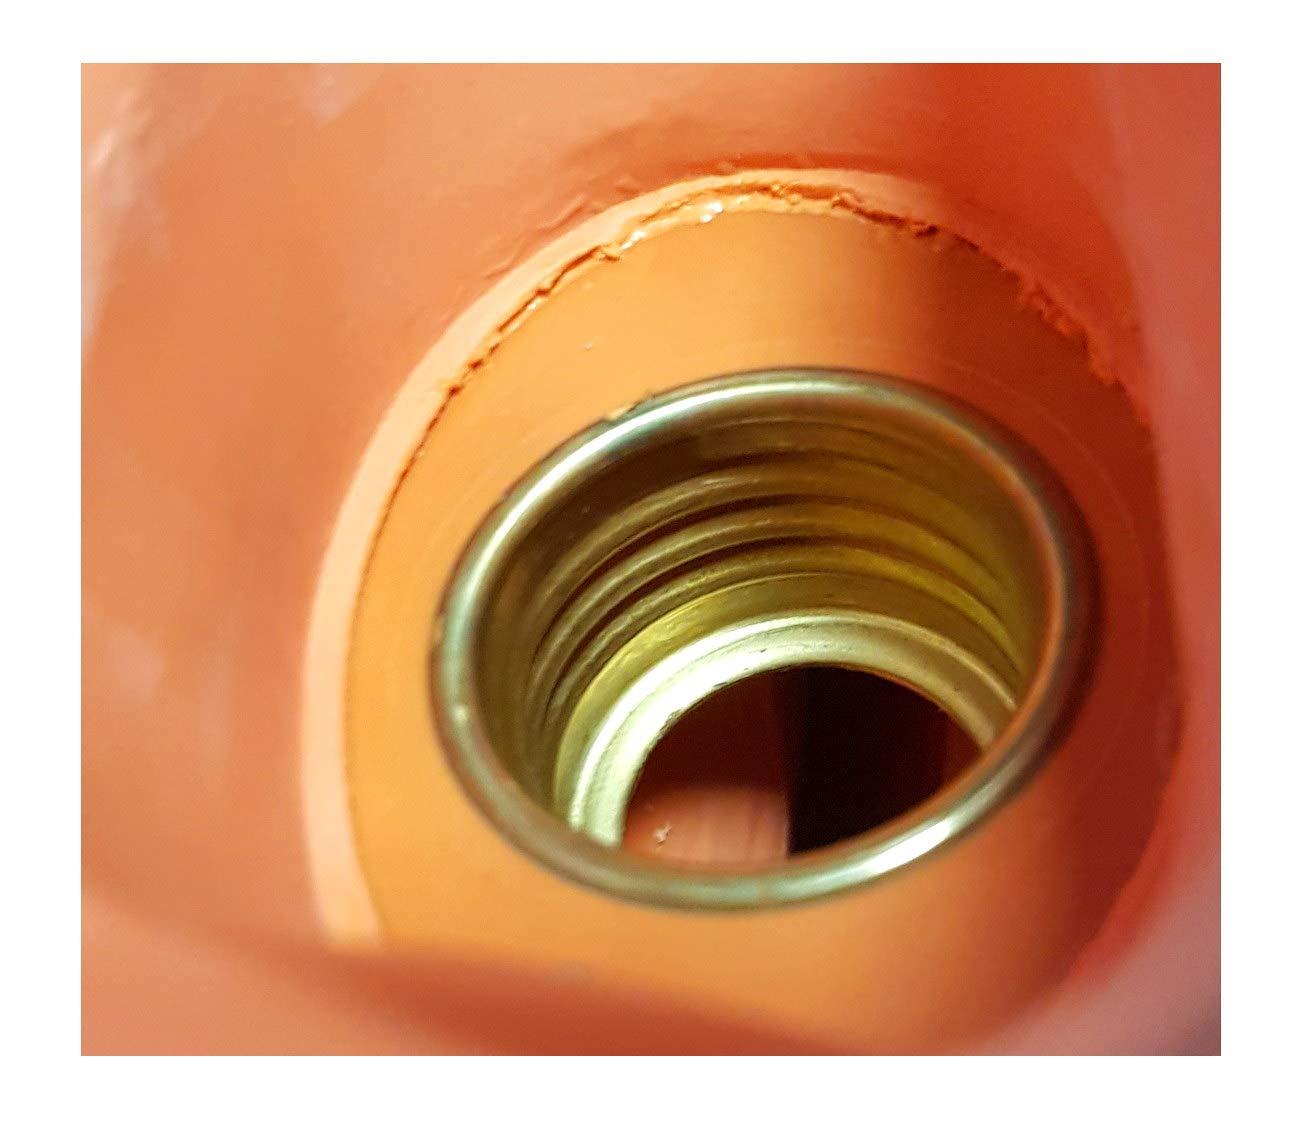 Ersatzverschluss Schraubverschluss f/ür W/ärmflaschen mit Messinggewinde Verschluss f/ür W/ärmeflaschen